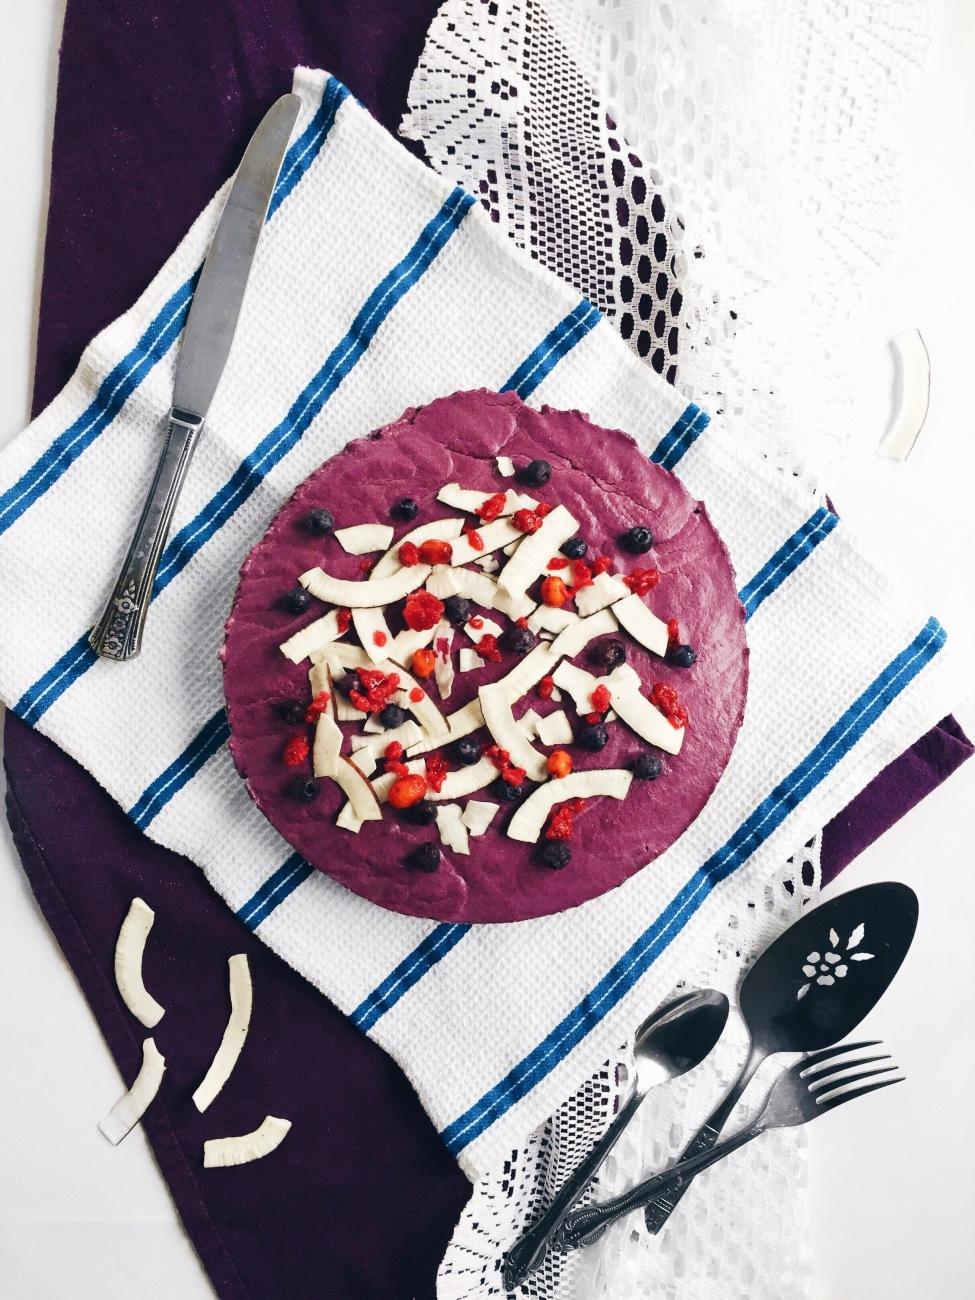 Gâteau au fromage végane sans gluten, à la rhubarbe, aux petits fruits québécois et à l'érable, en croûte de riz croustillant